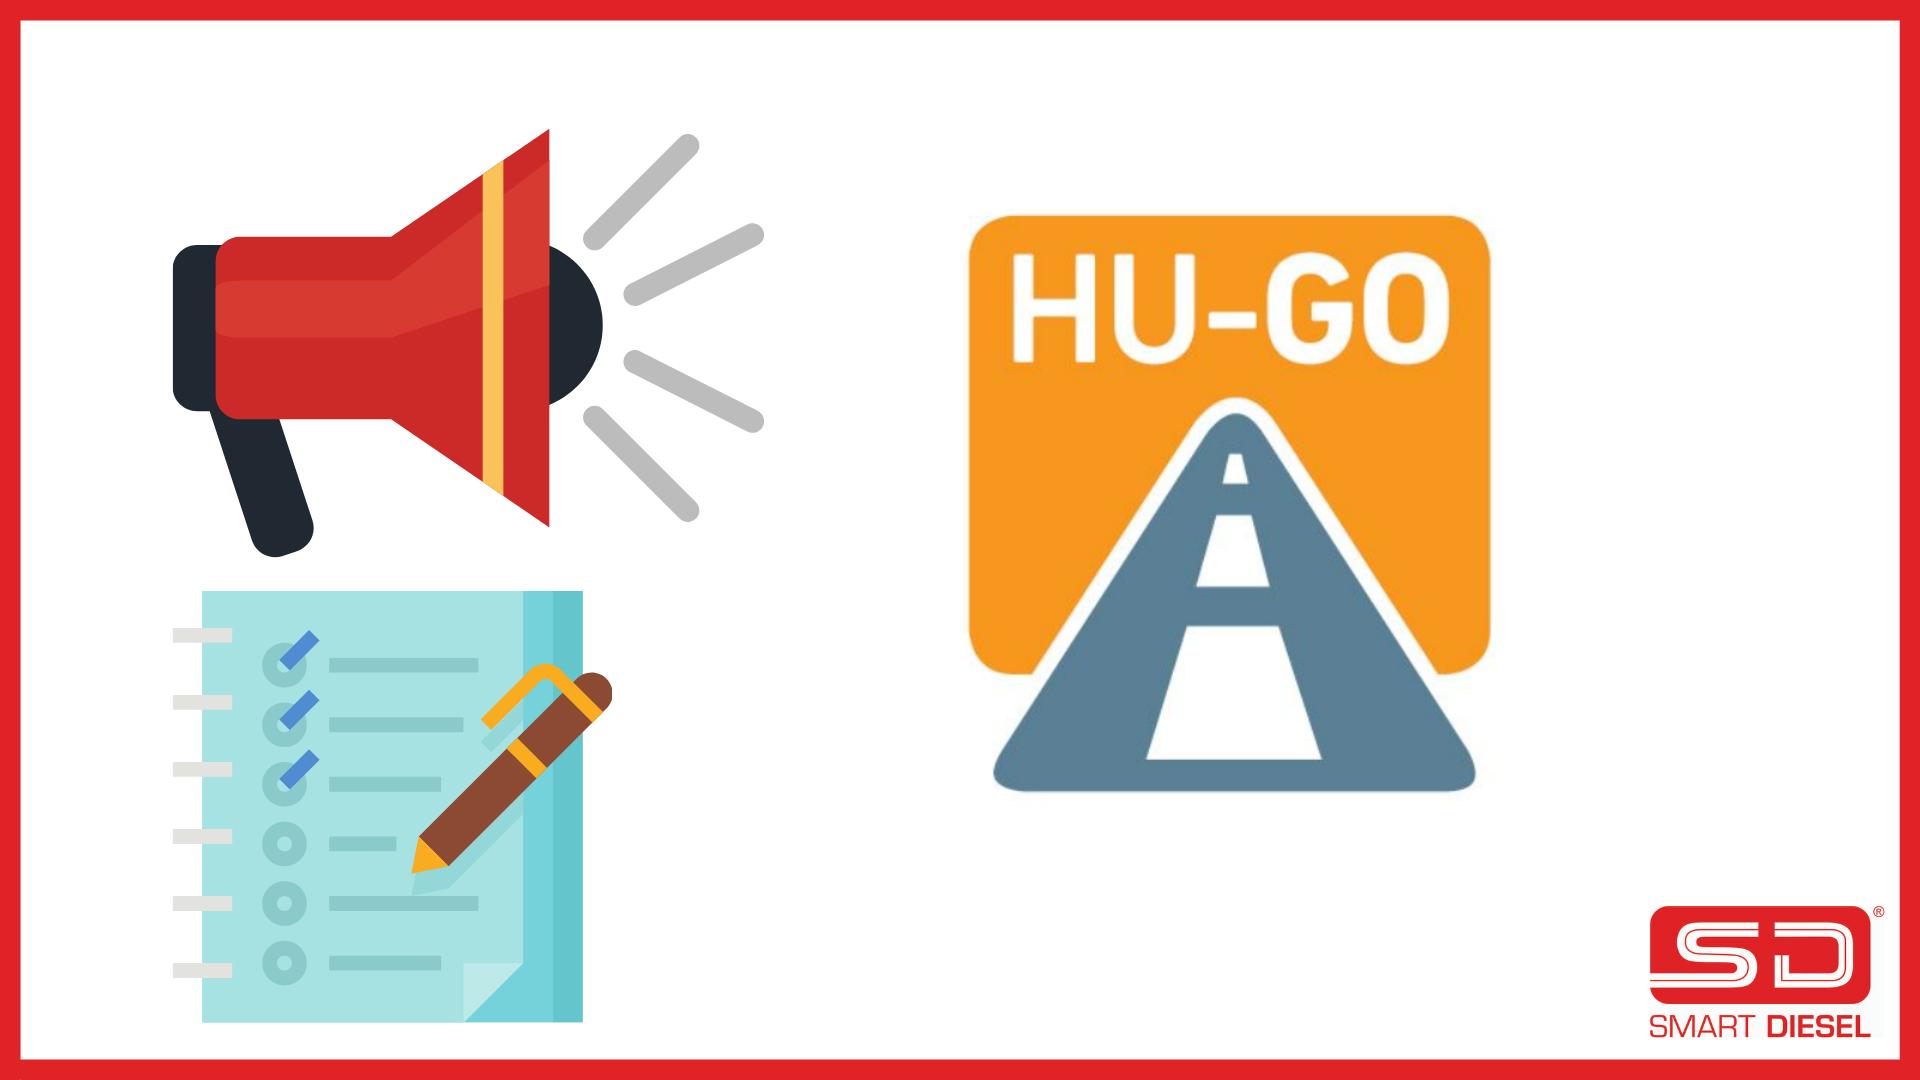 Modificari importante in sistemul HU-GO Ungaria